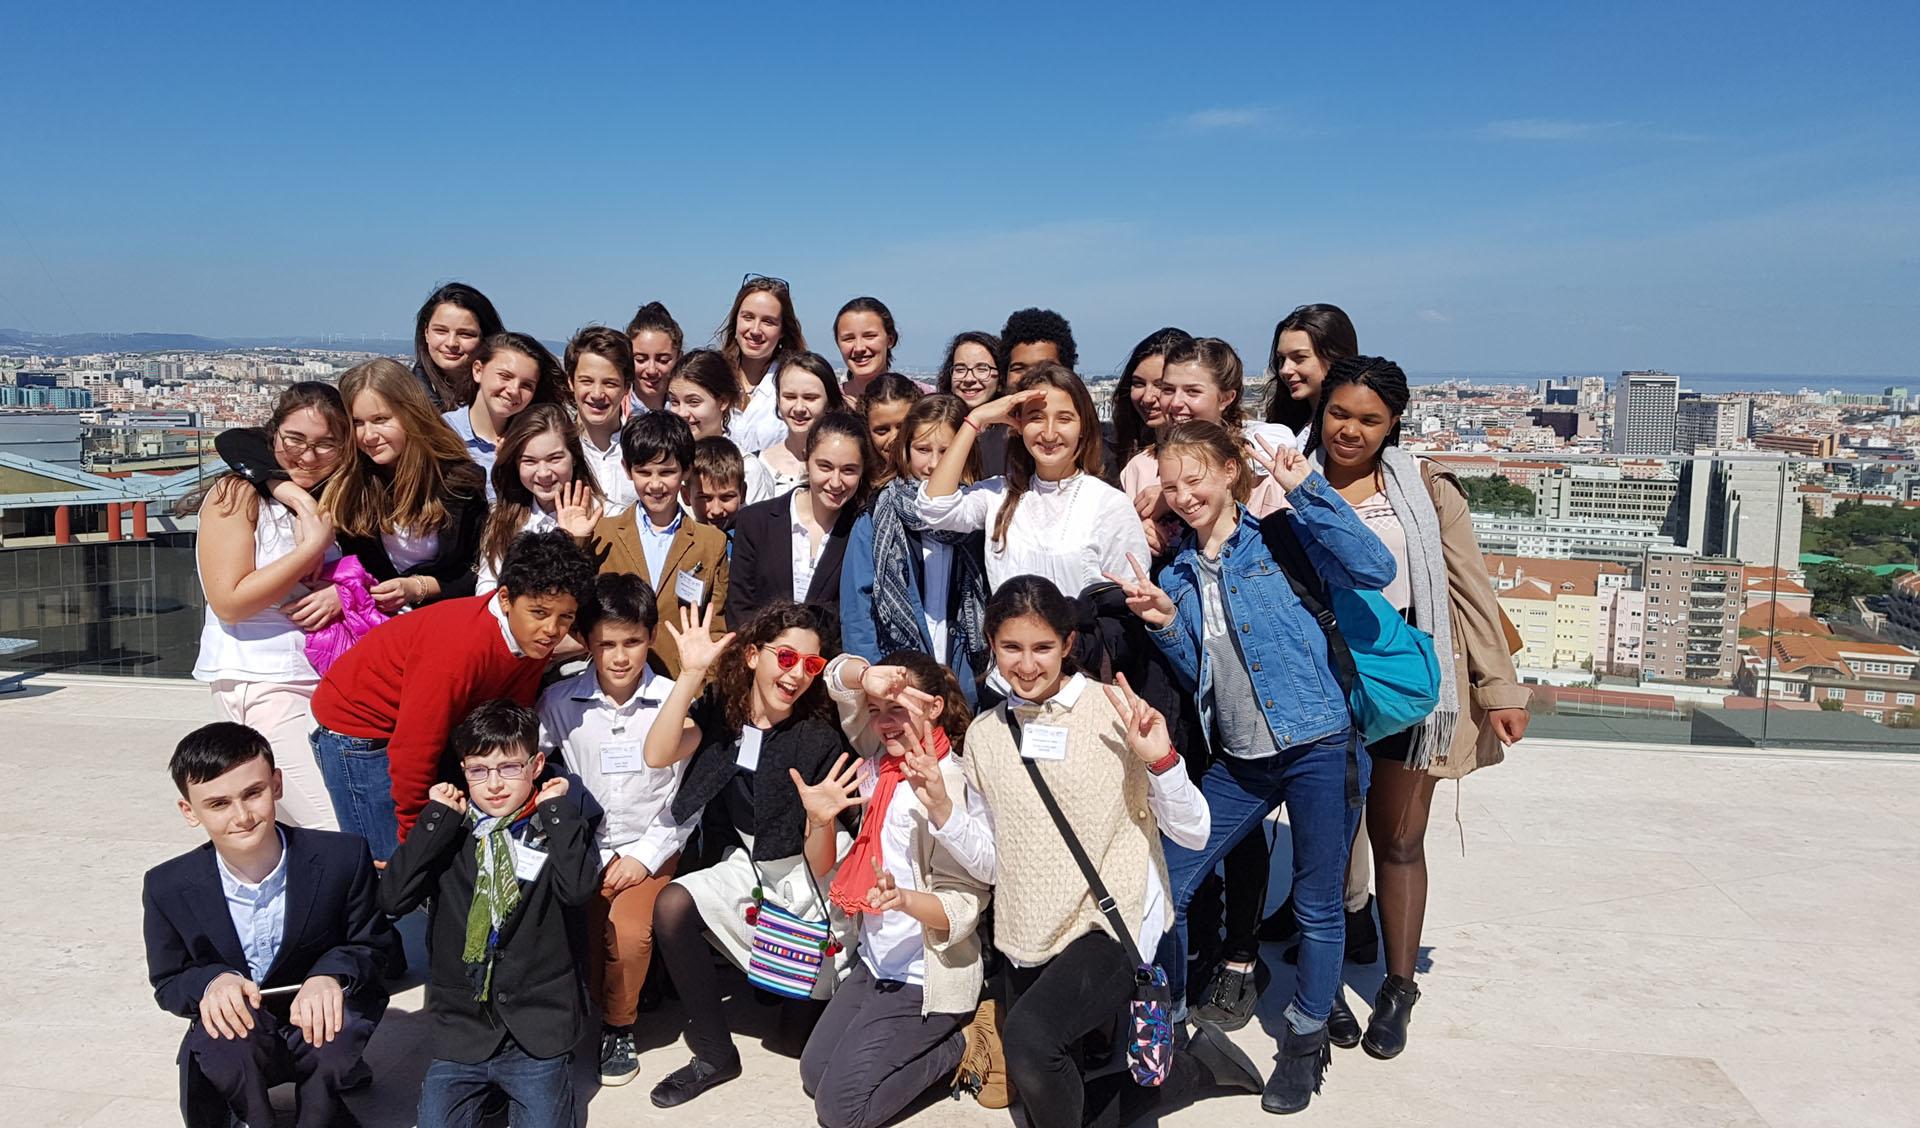 Ambassadeurs en herbe au niveau régional à Lisbonne-0